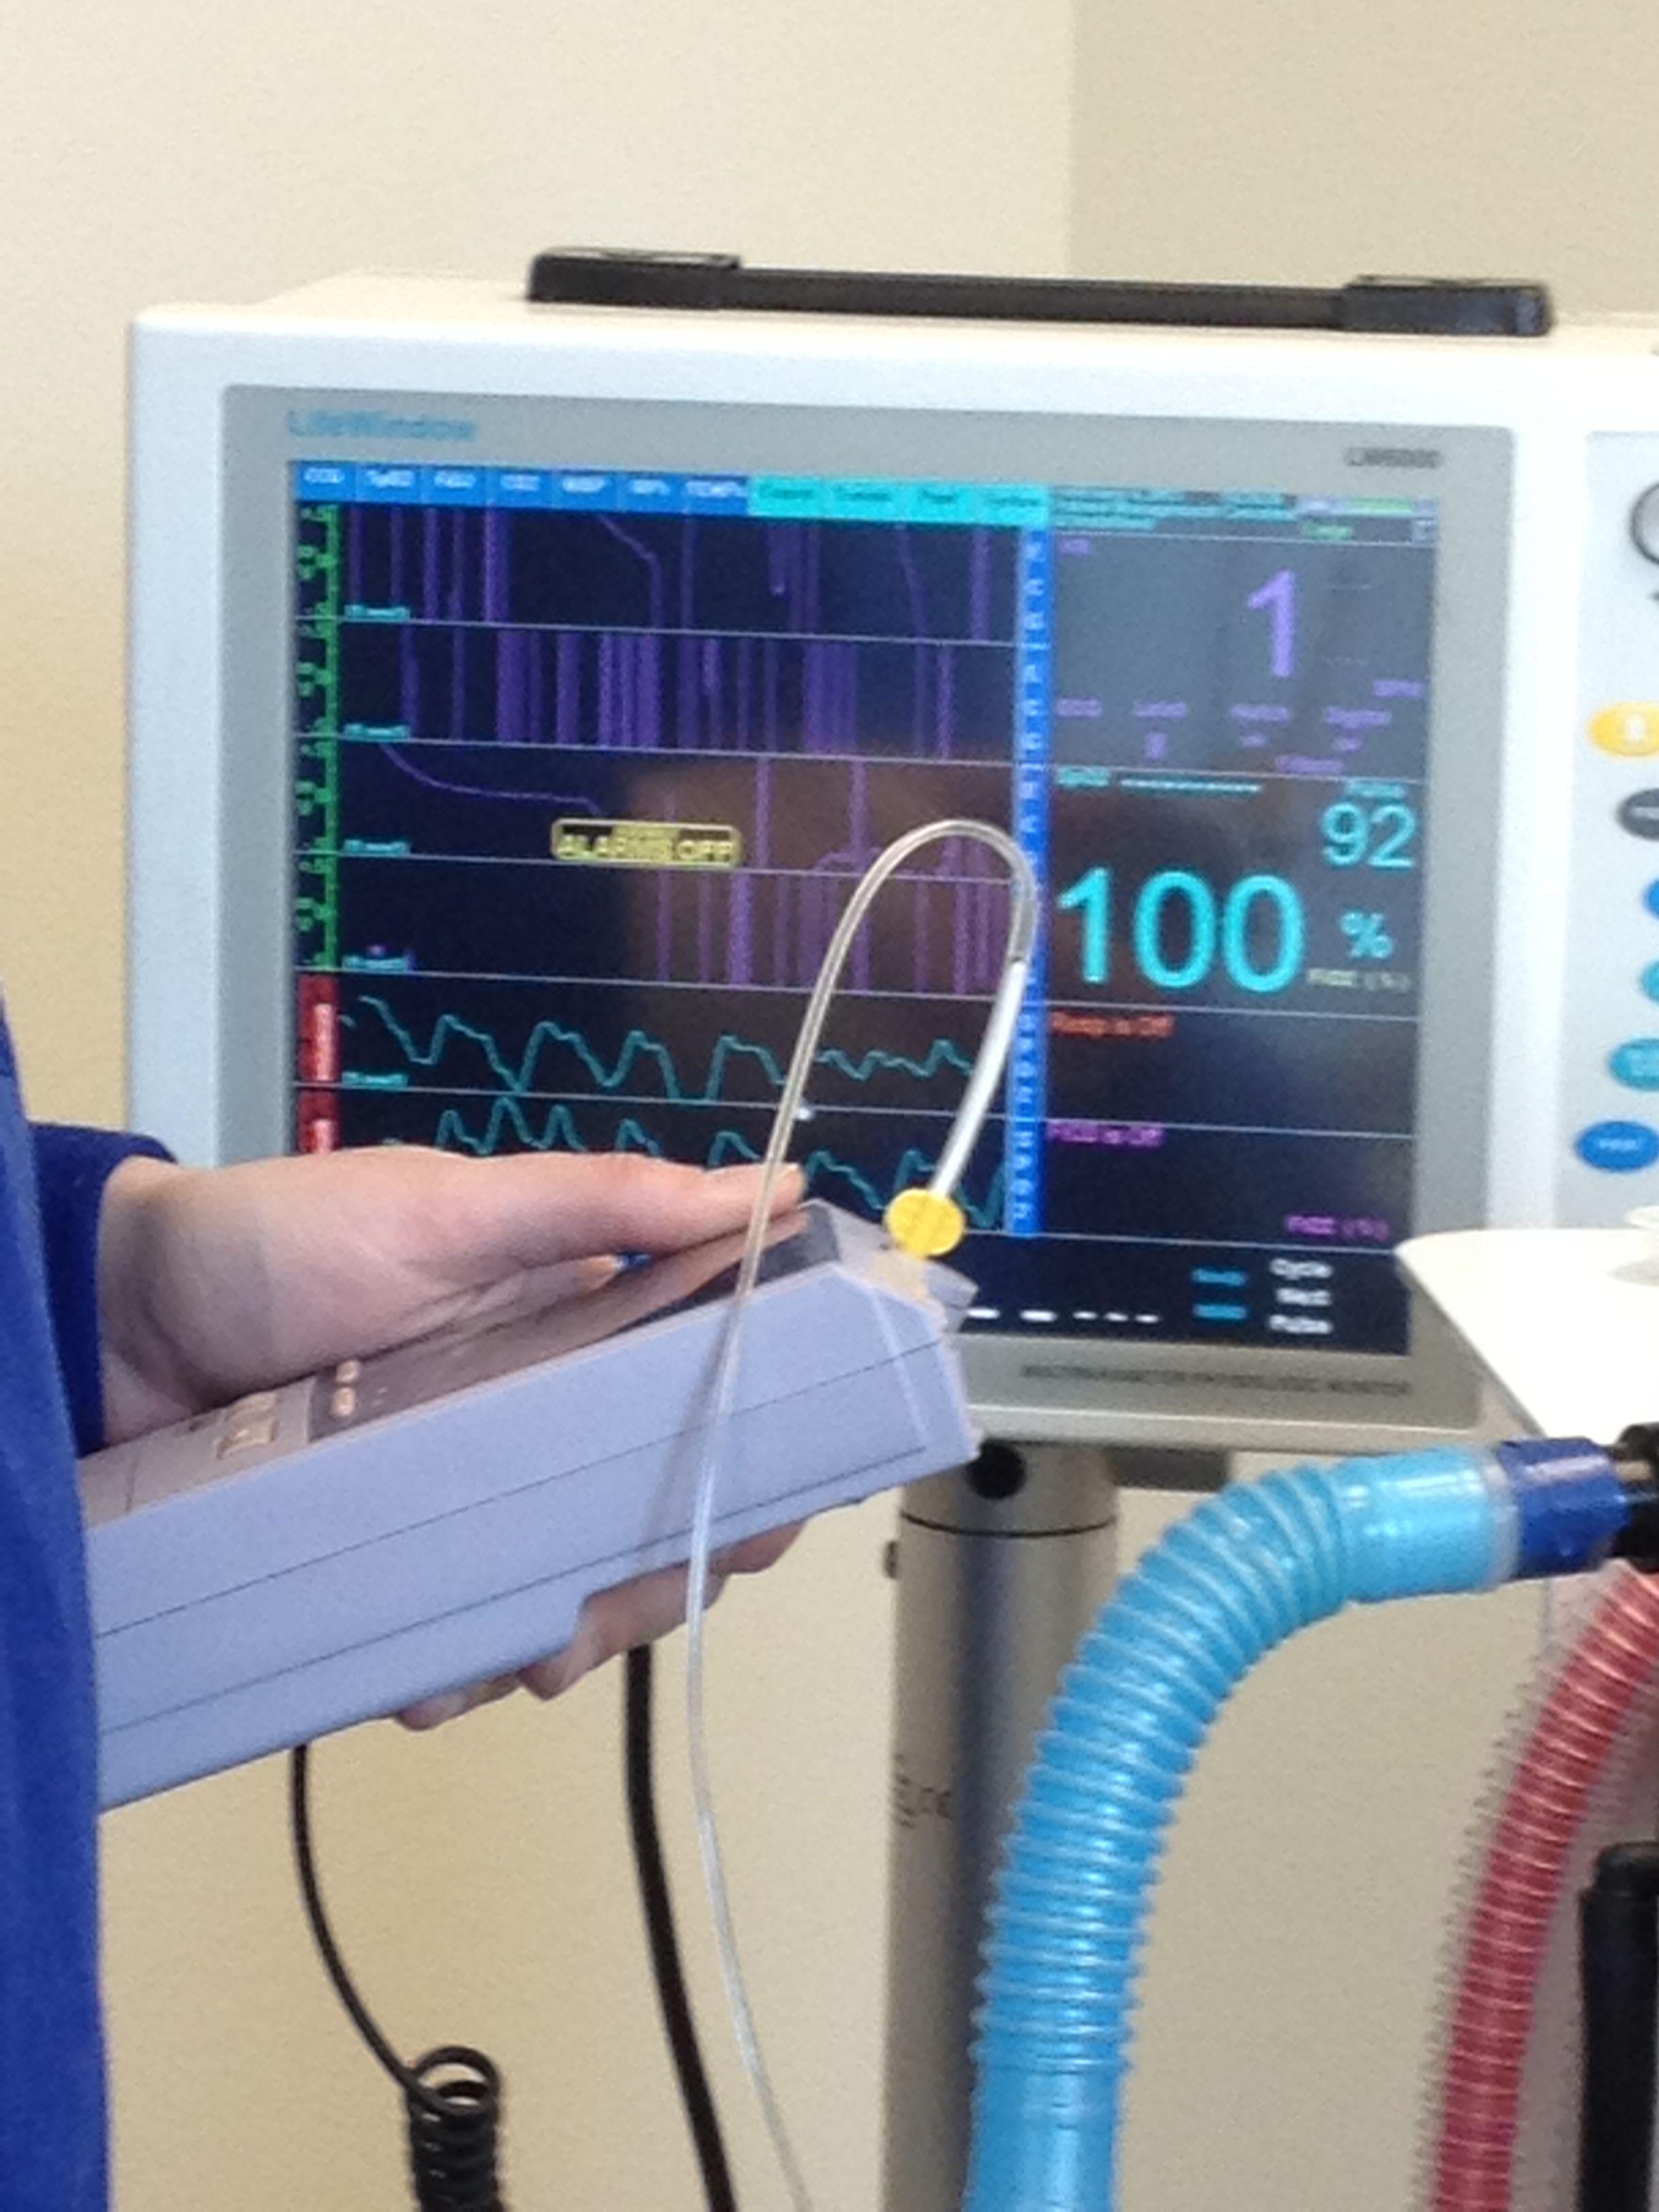 Anesthesia monitoring veterinary anesthesia nurse